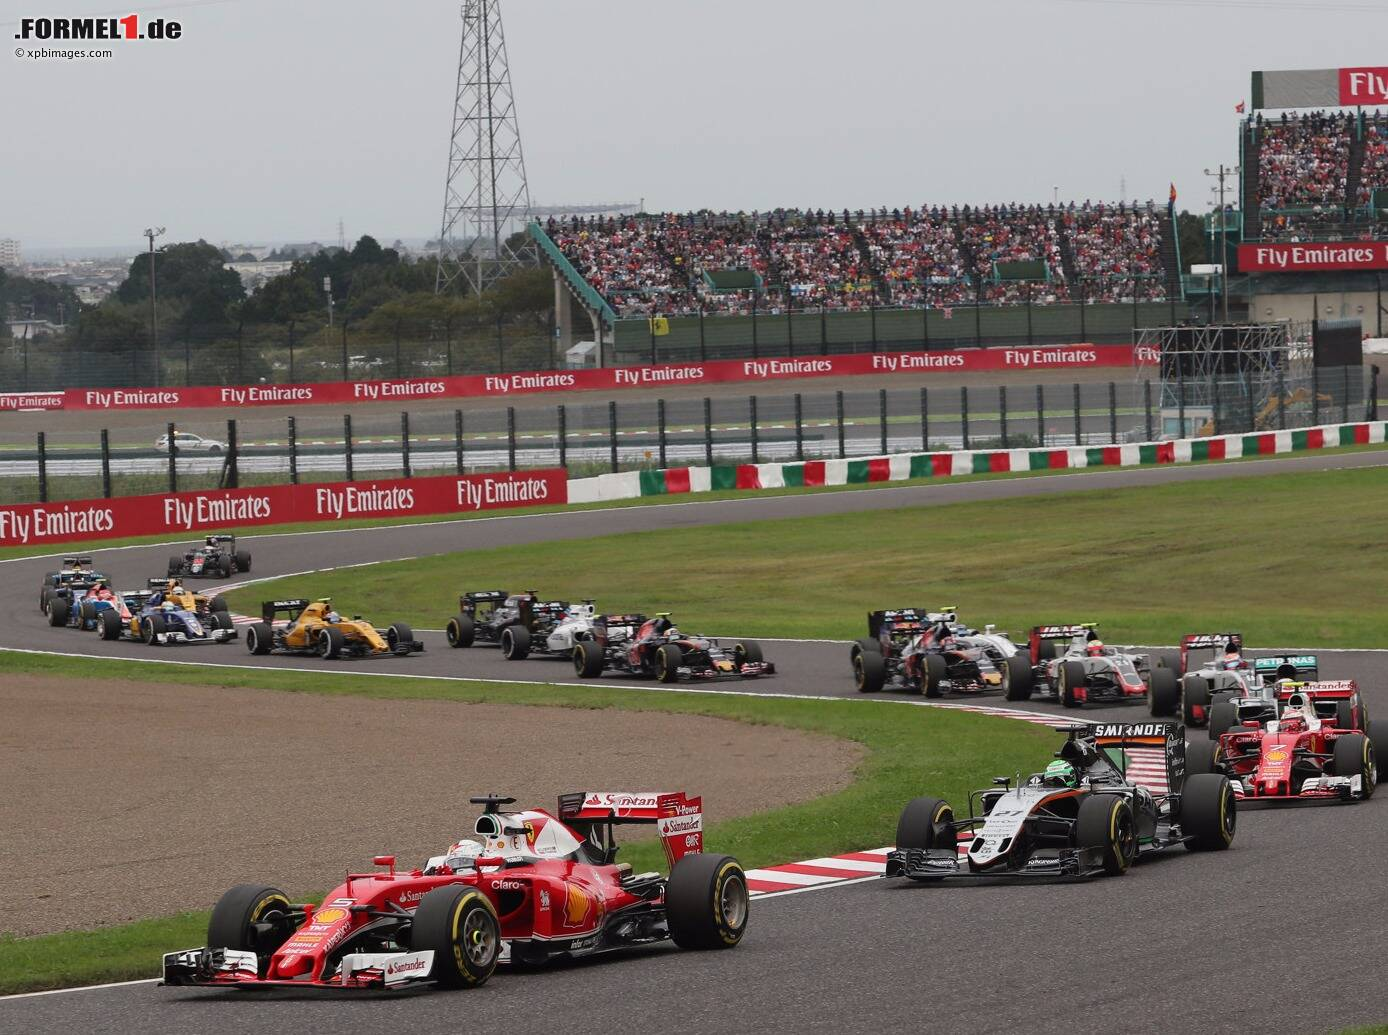 Formel 1 Wiederholung Tv